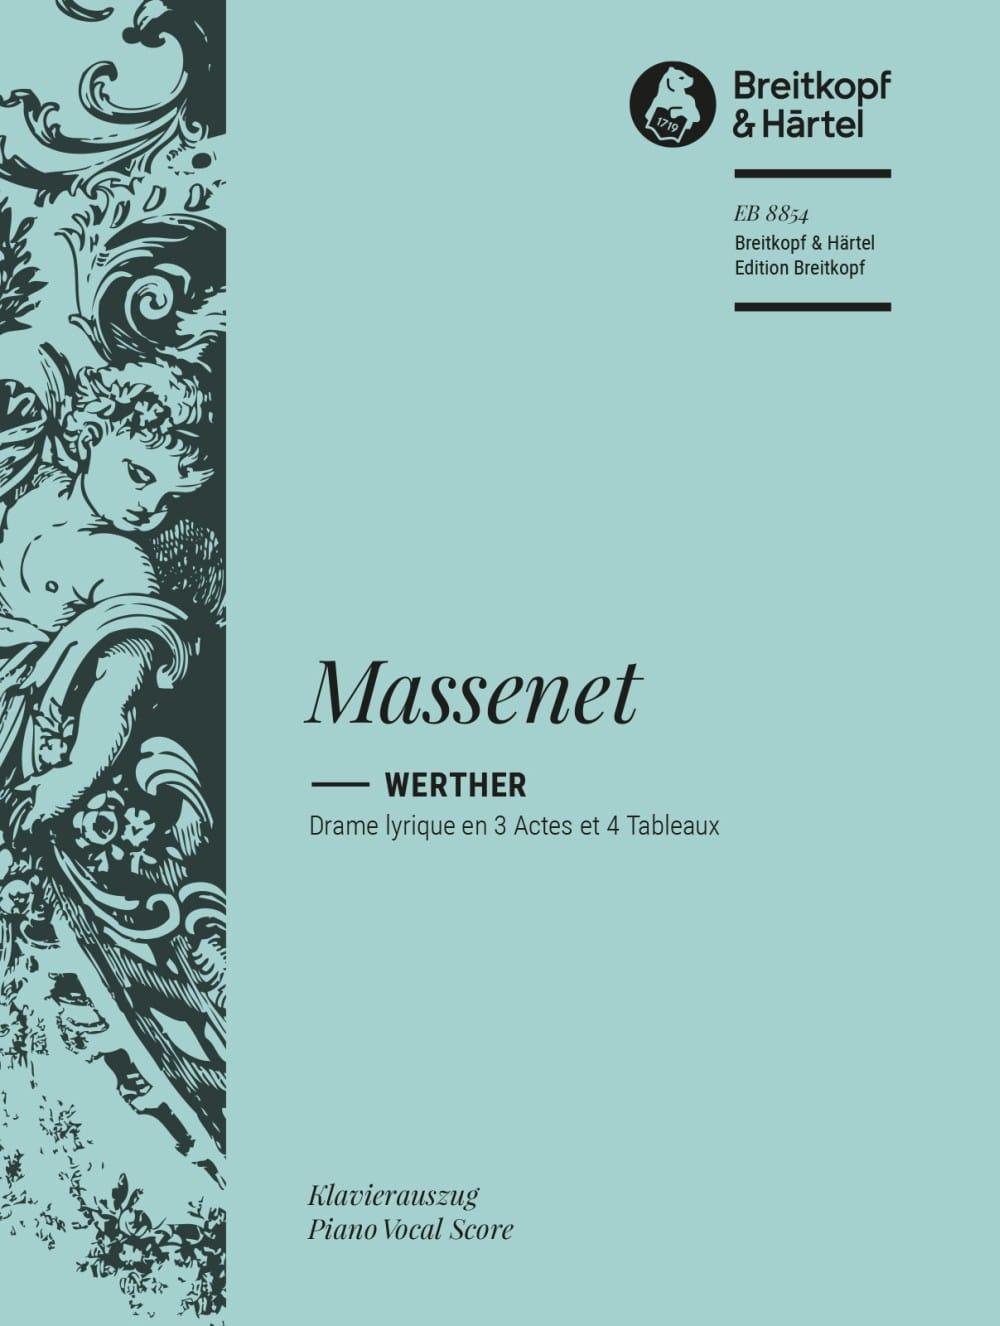 Werther - MASSENET - Partition - Opéras - laflutedepan.com